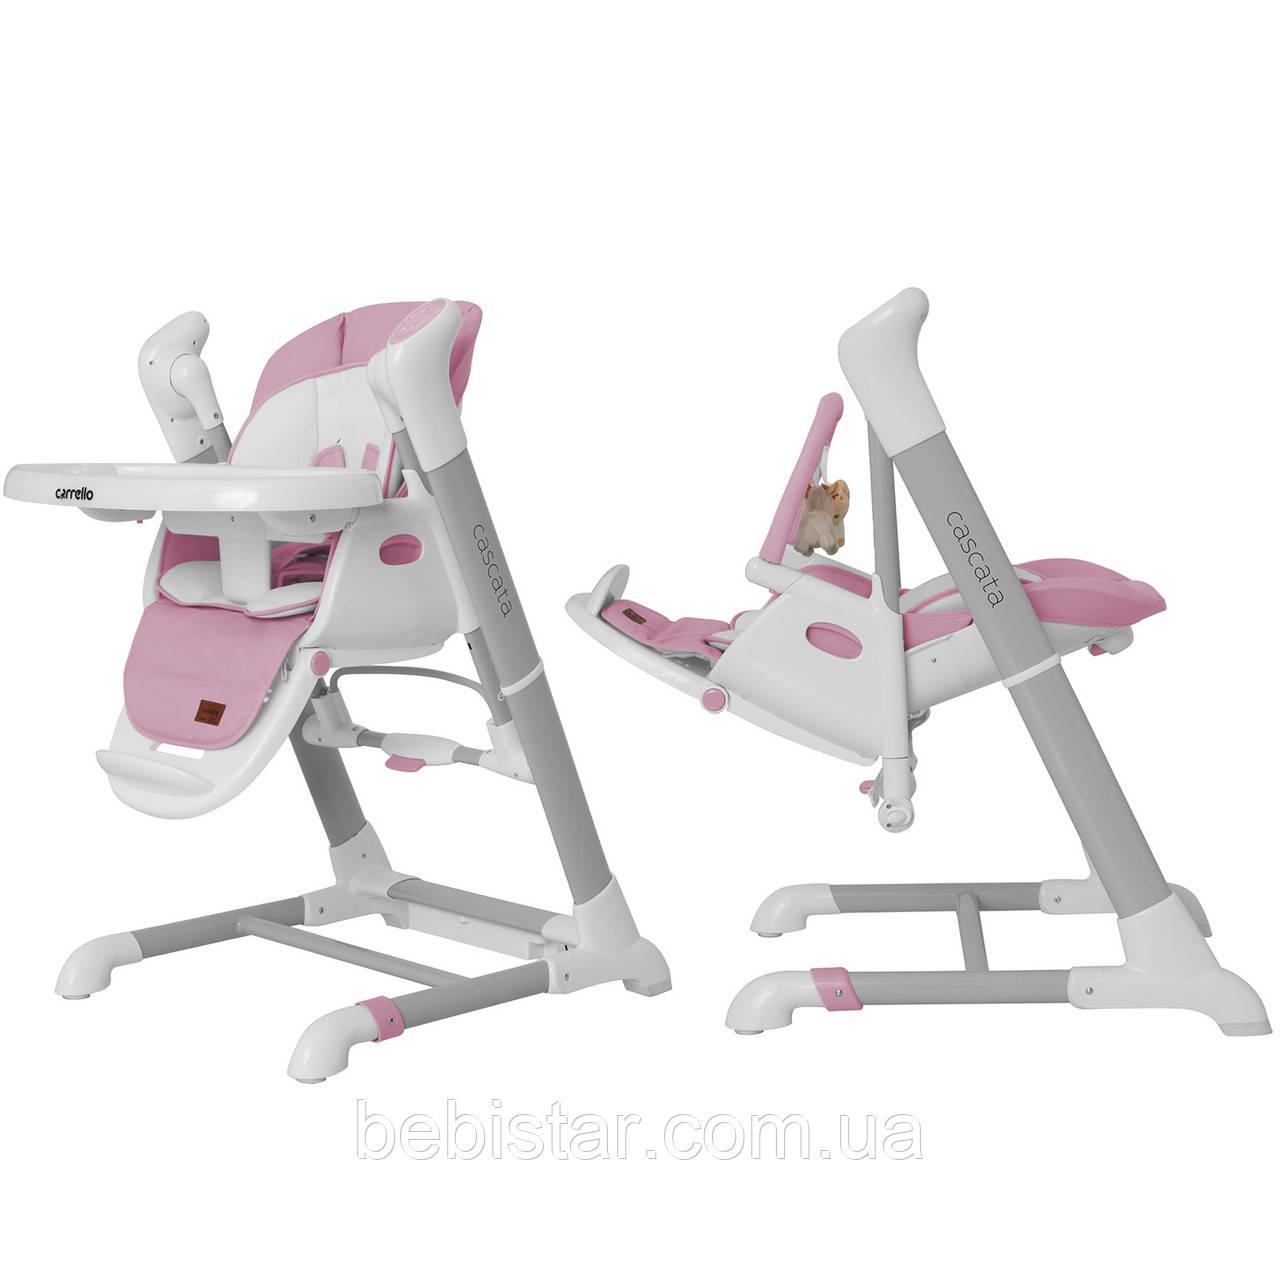 Стільчик для годування фіолетовий крісло-качалка шезлонг від мережі Carrello Cascata з народження до 3лет